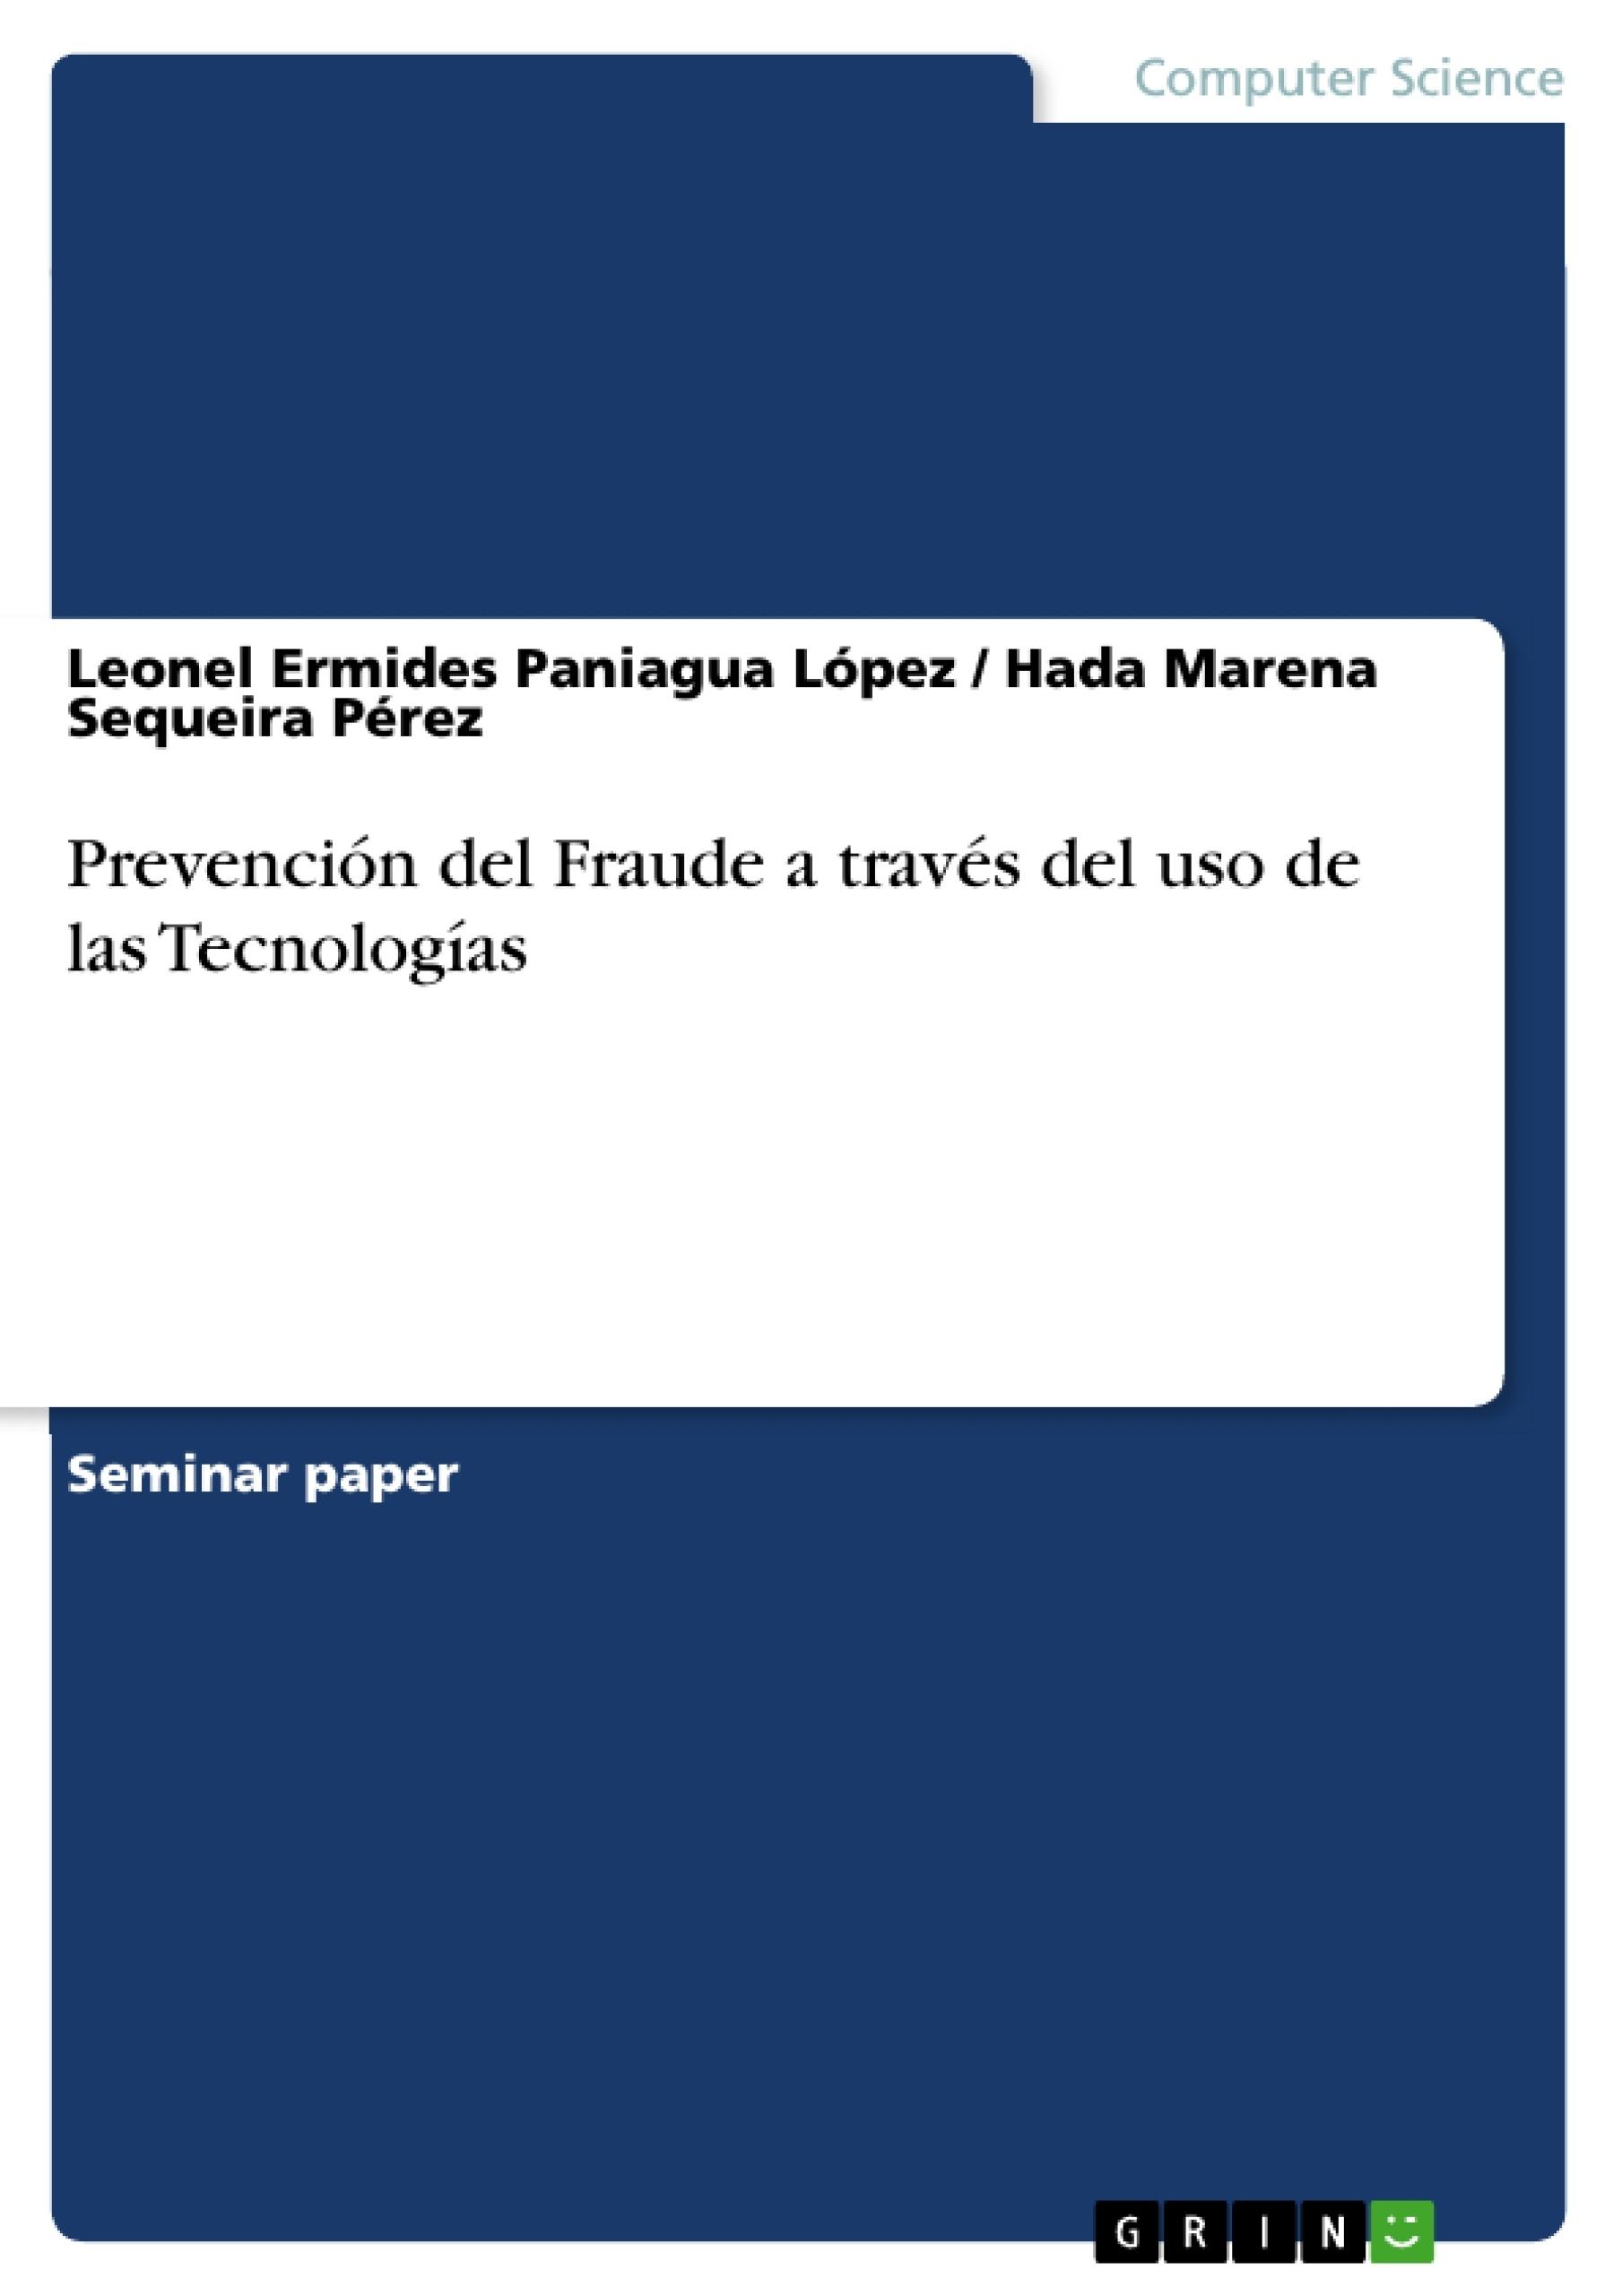 Título: Prevención del Fraude a través del uso de las Tecnologías